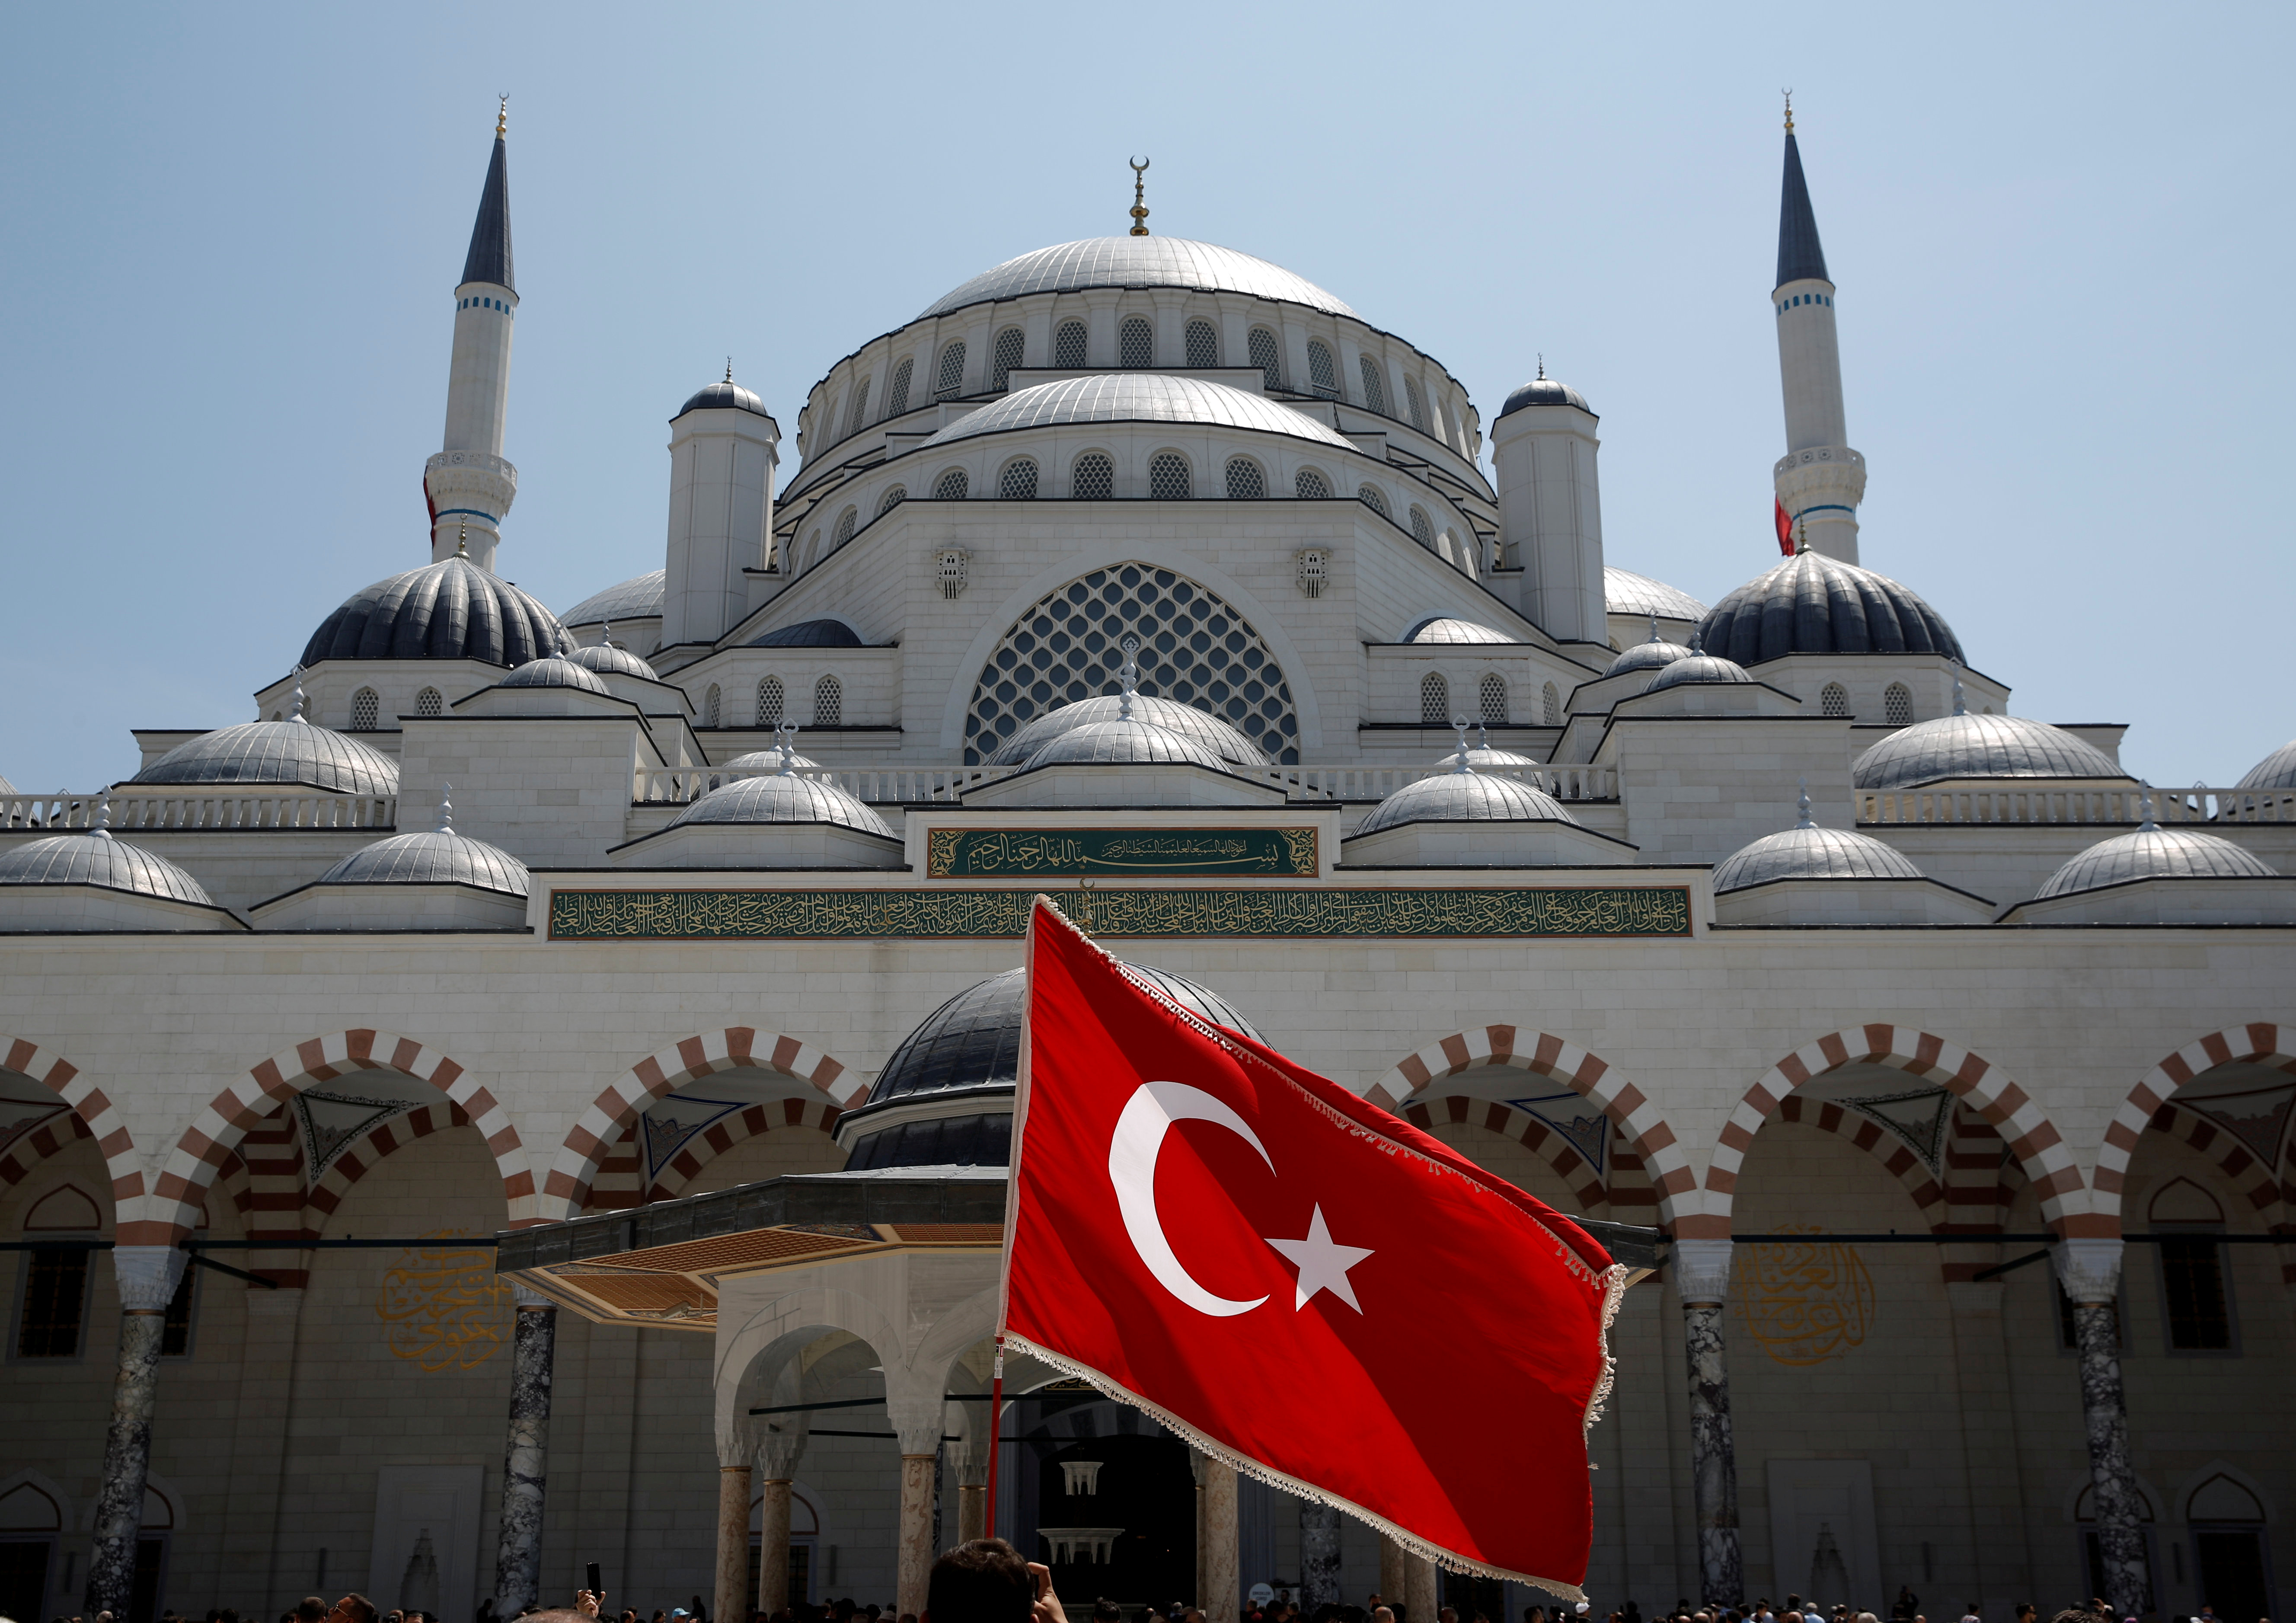 Τουρκική οργή κατά ΕΕ: Μην παραδίνεστε άνευ όρων στις παράλογες απαιτήσεις της Ελλάδας